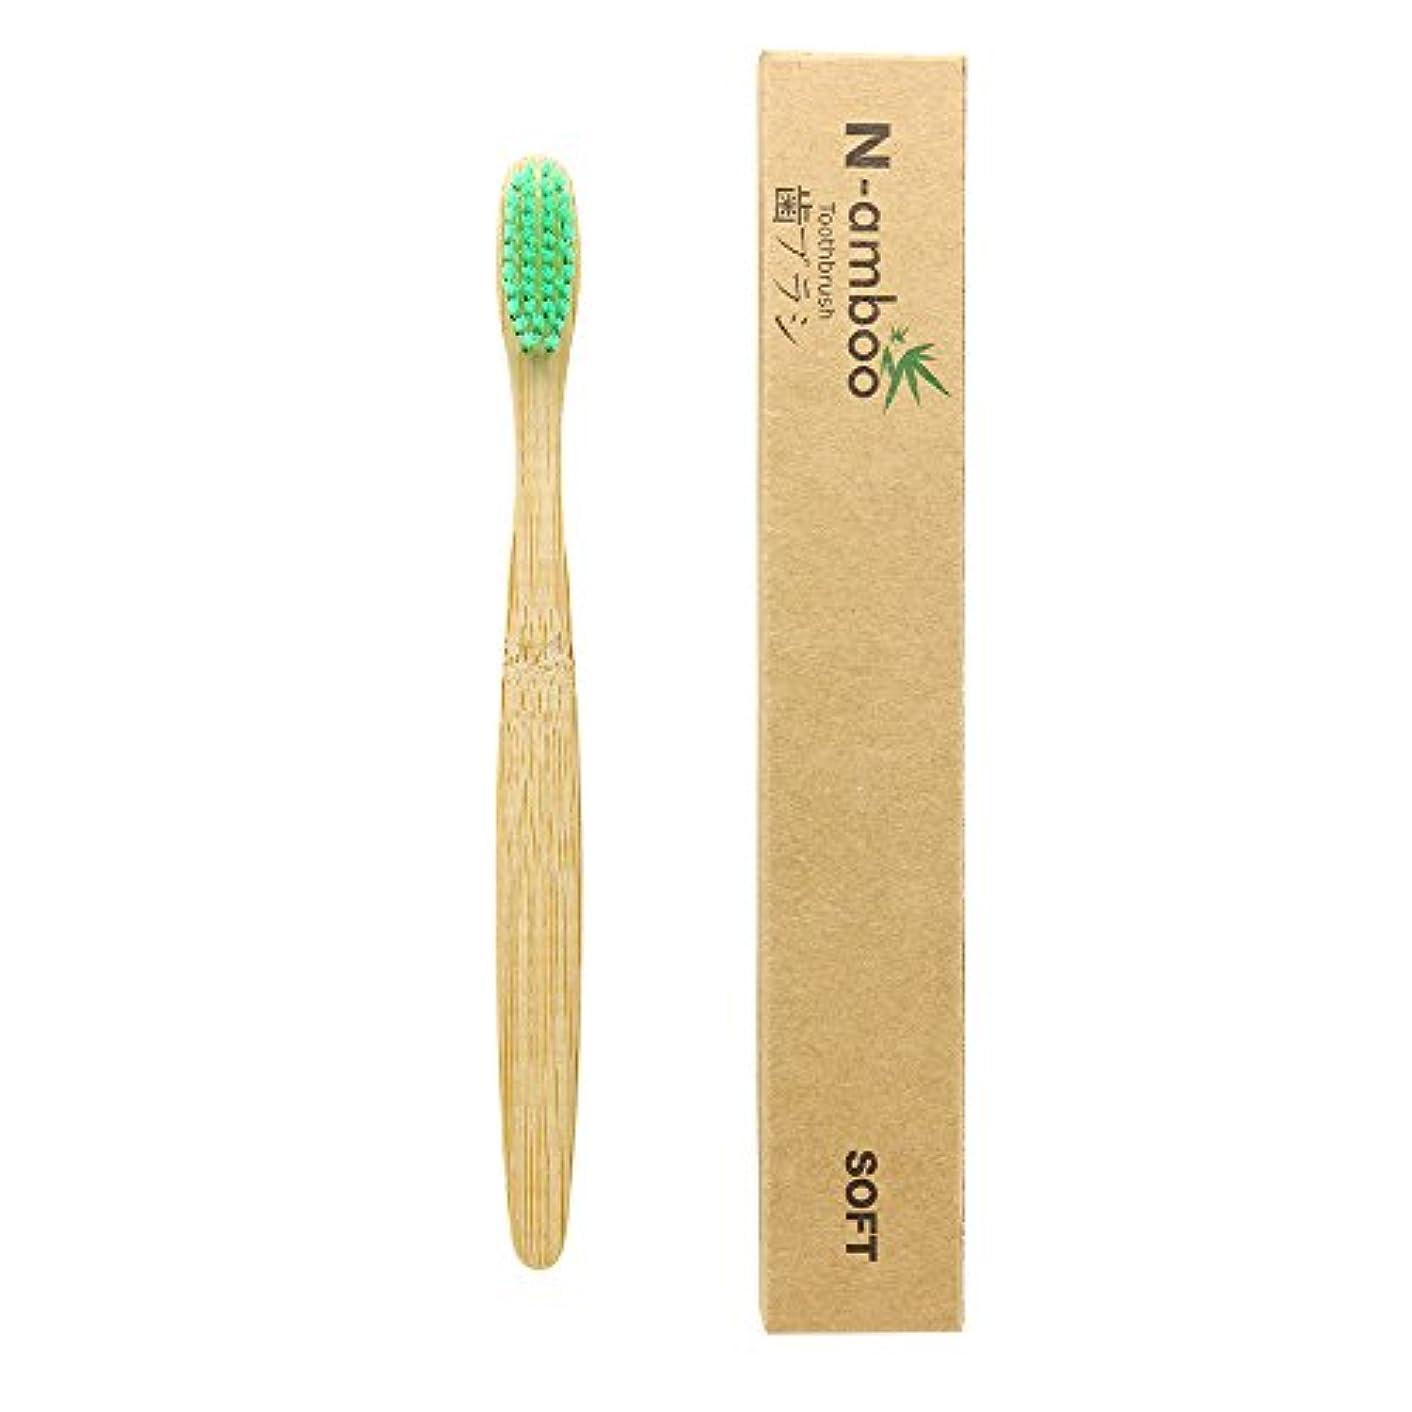 剪断衣類コミュニティN-amboo 歯ブラシ 1本入り 竹製 高耐久性 緑 エコ